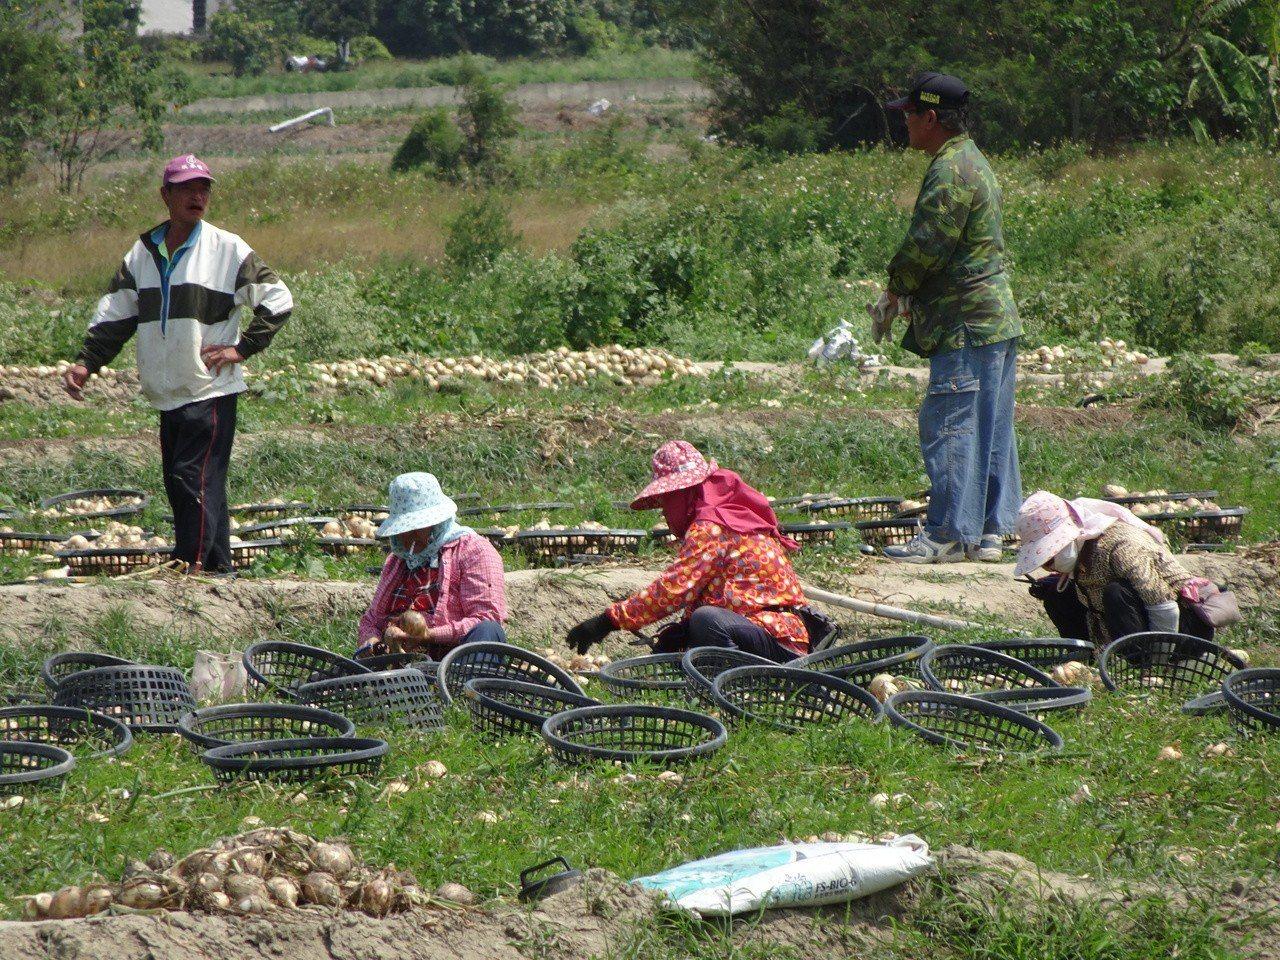 屏東縣恆春半島是國內洋蔥生產重鎮,今年受暖冬影響洋蔥歉收,雖然工資漲到每日130...